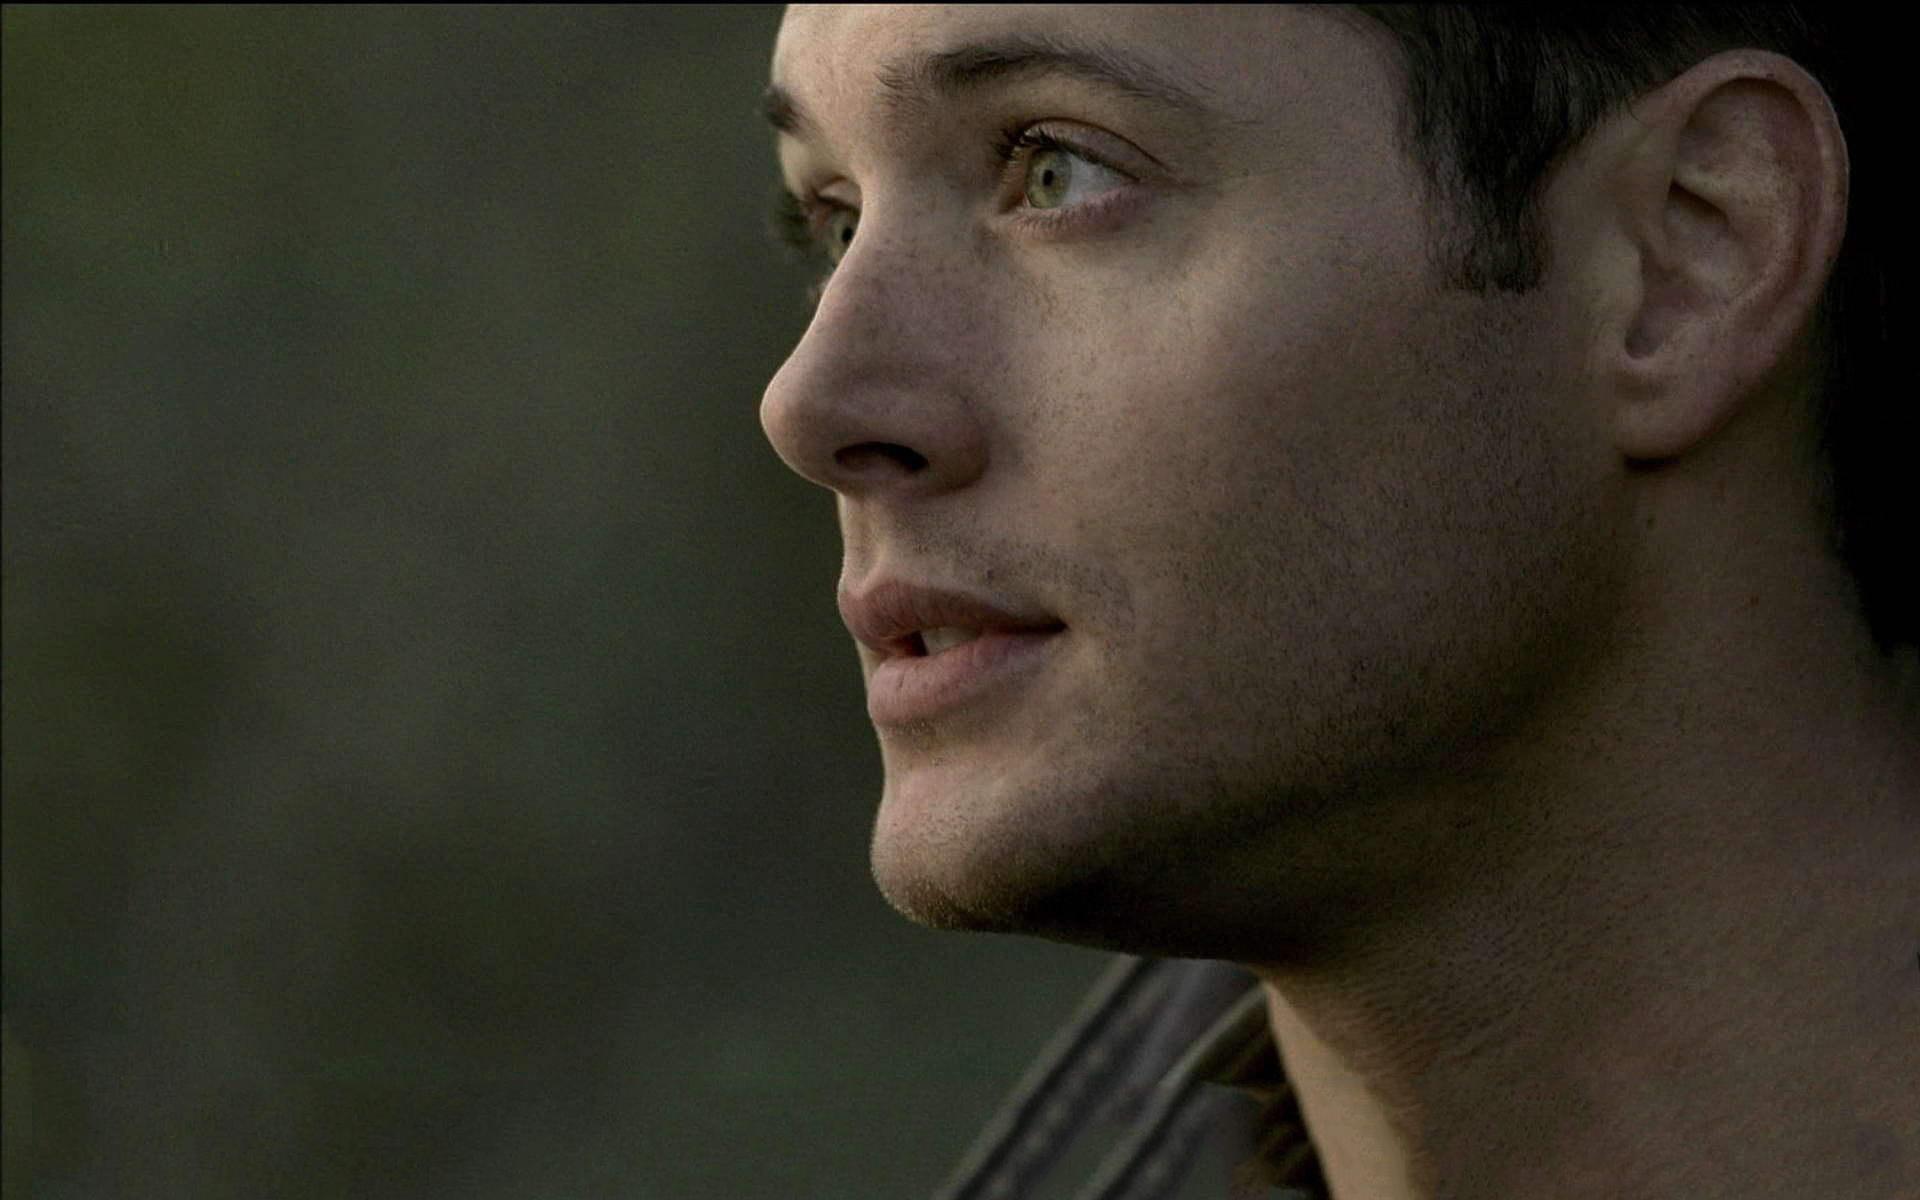 Jensen Ackles Background